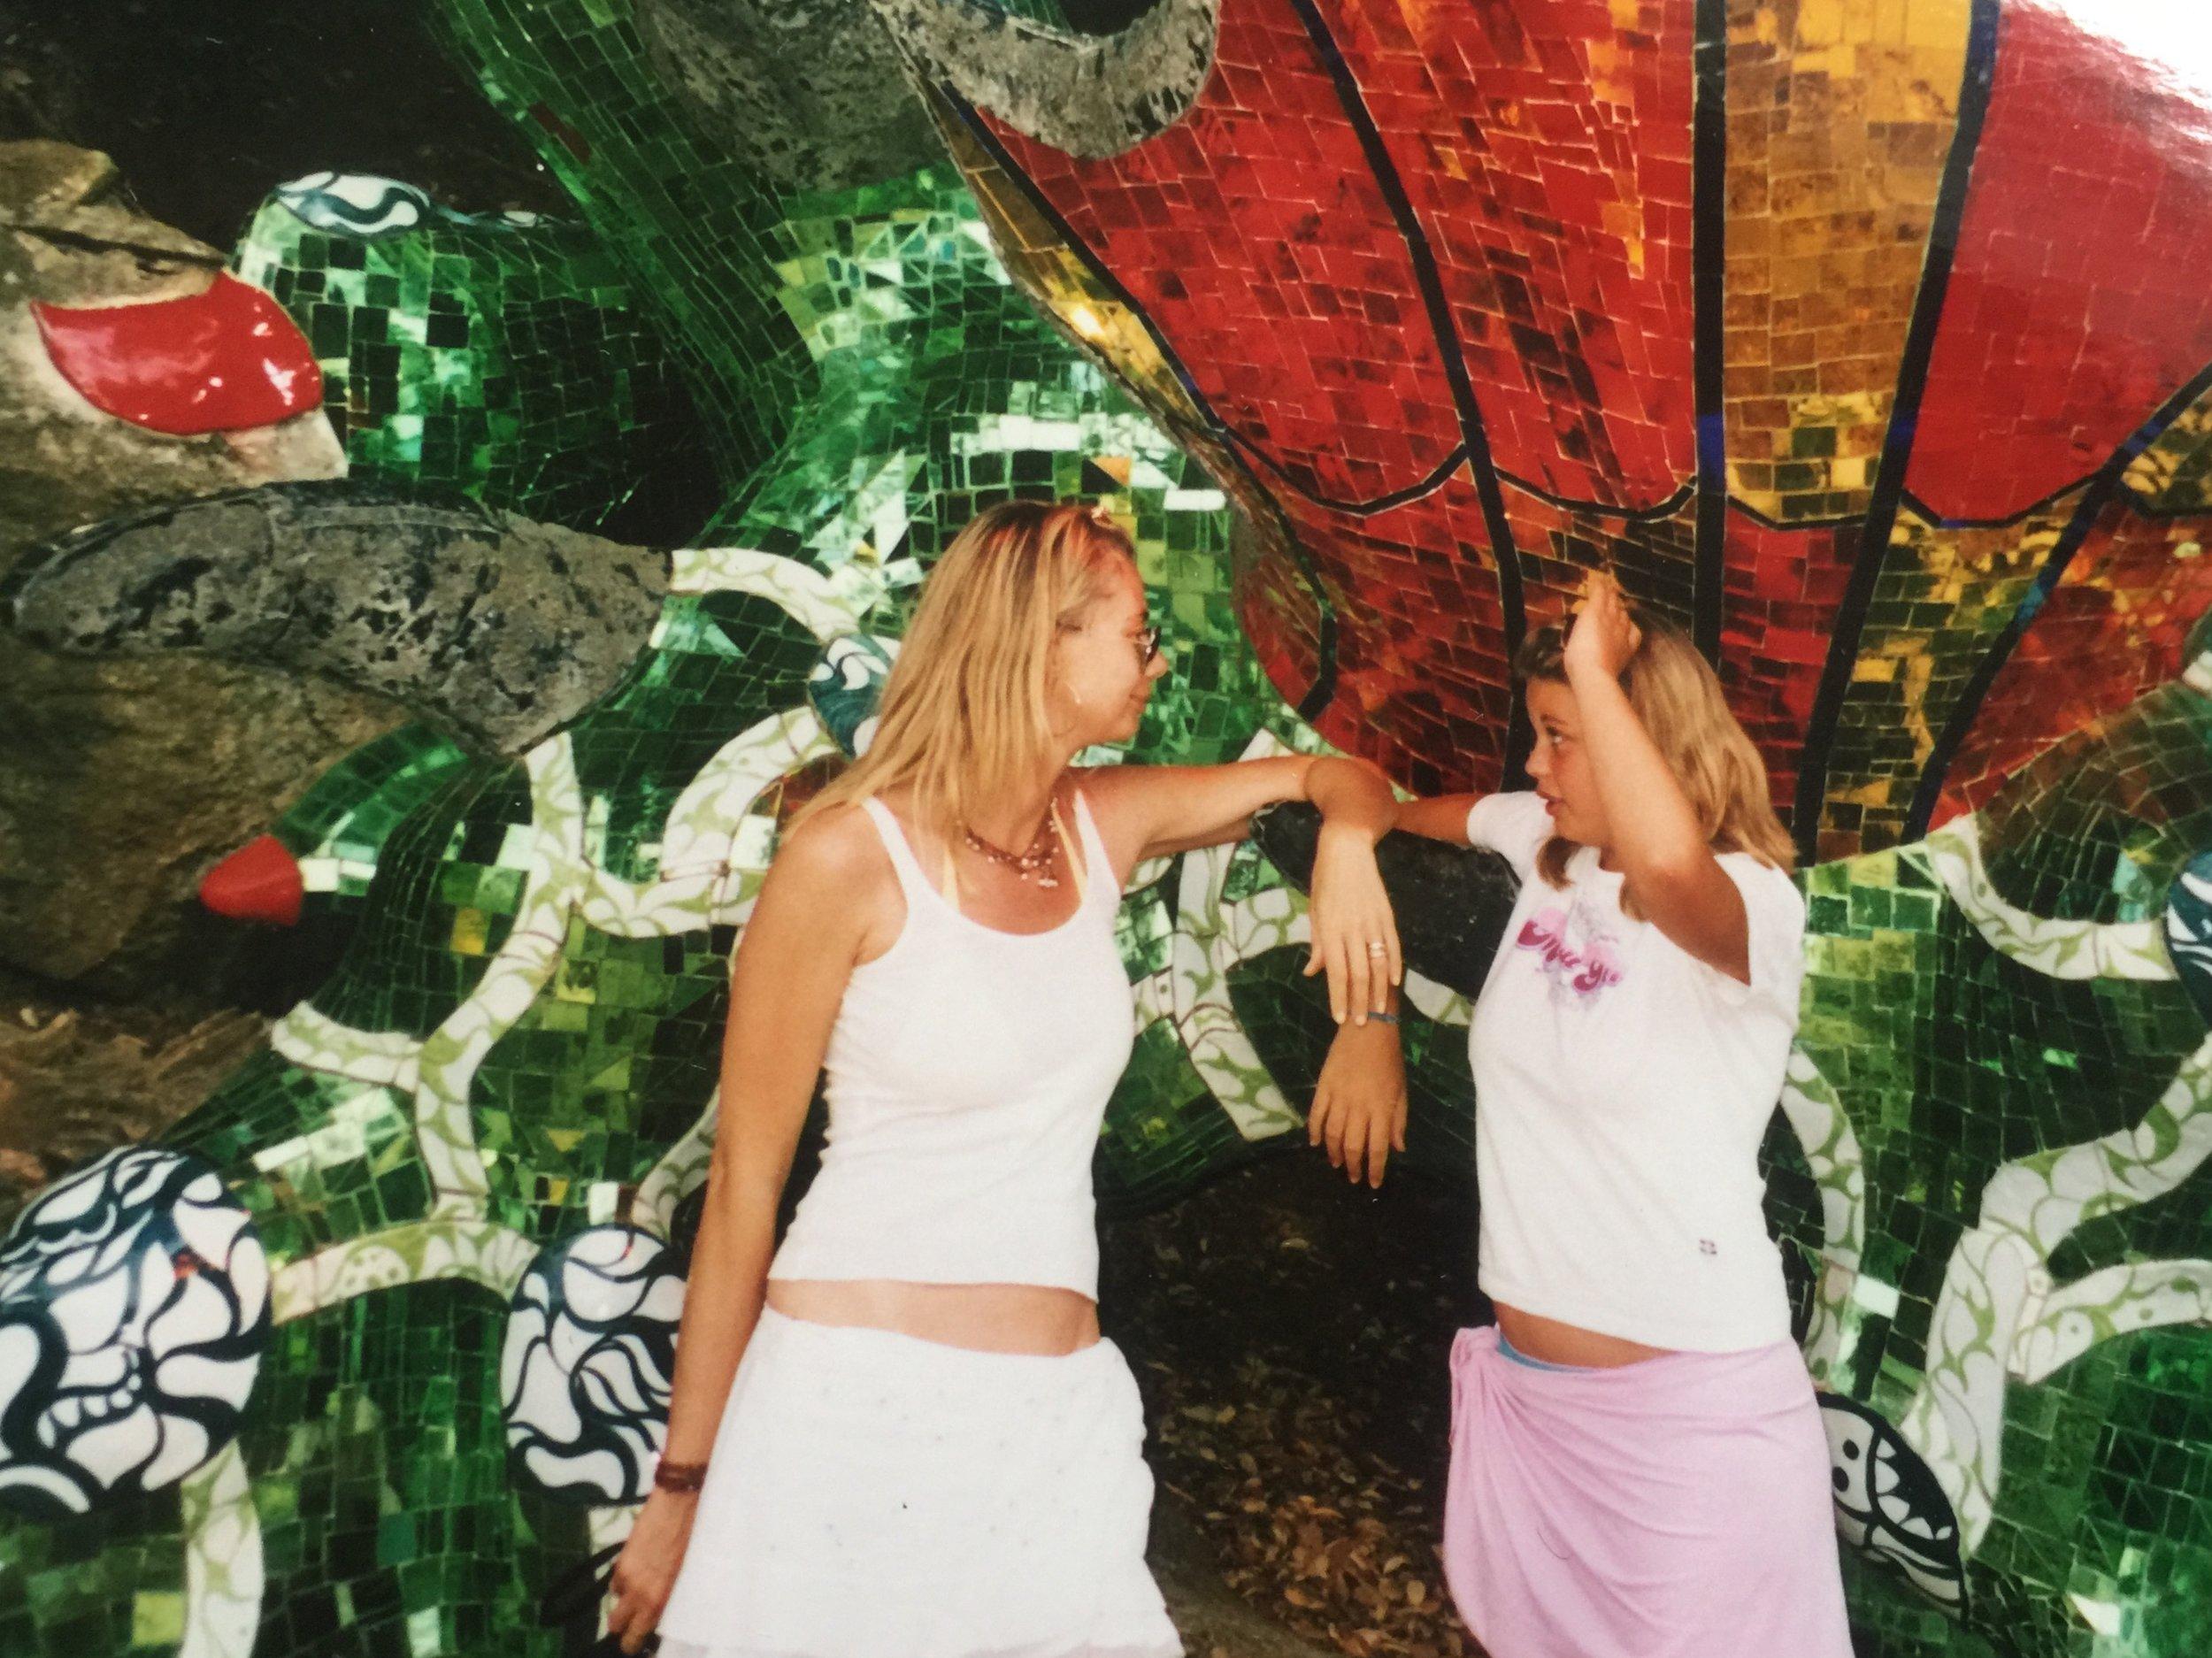 Me and Gaby at the Niki de Saint Phalles Tarot Garden, Italy 2002